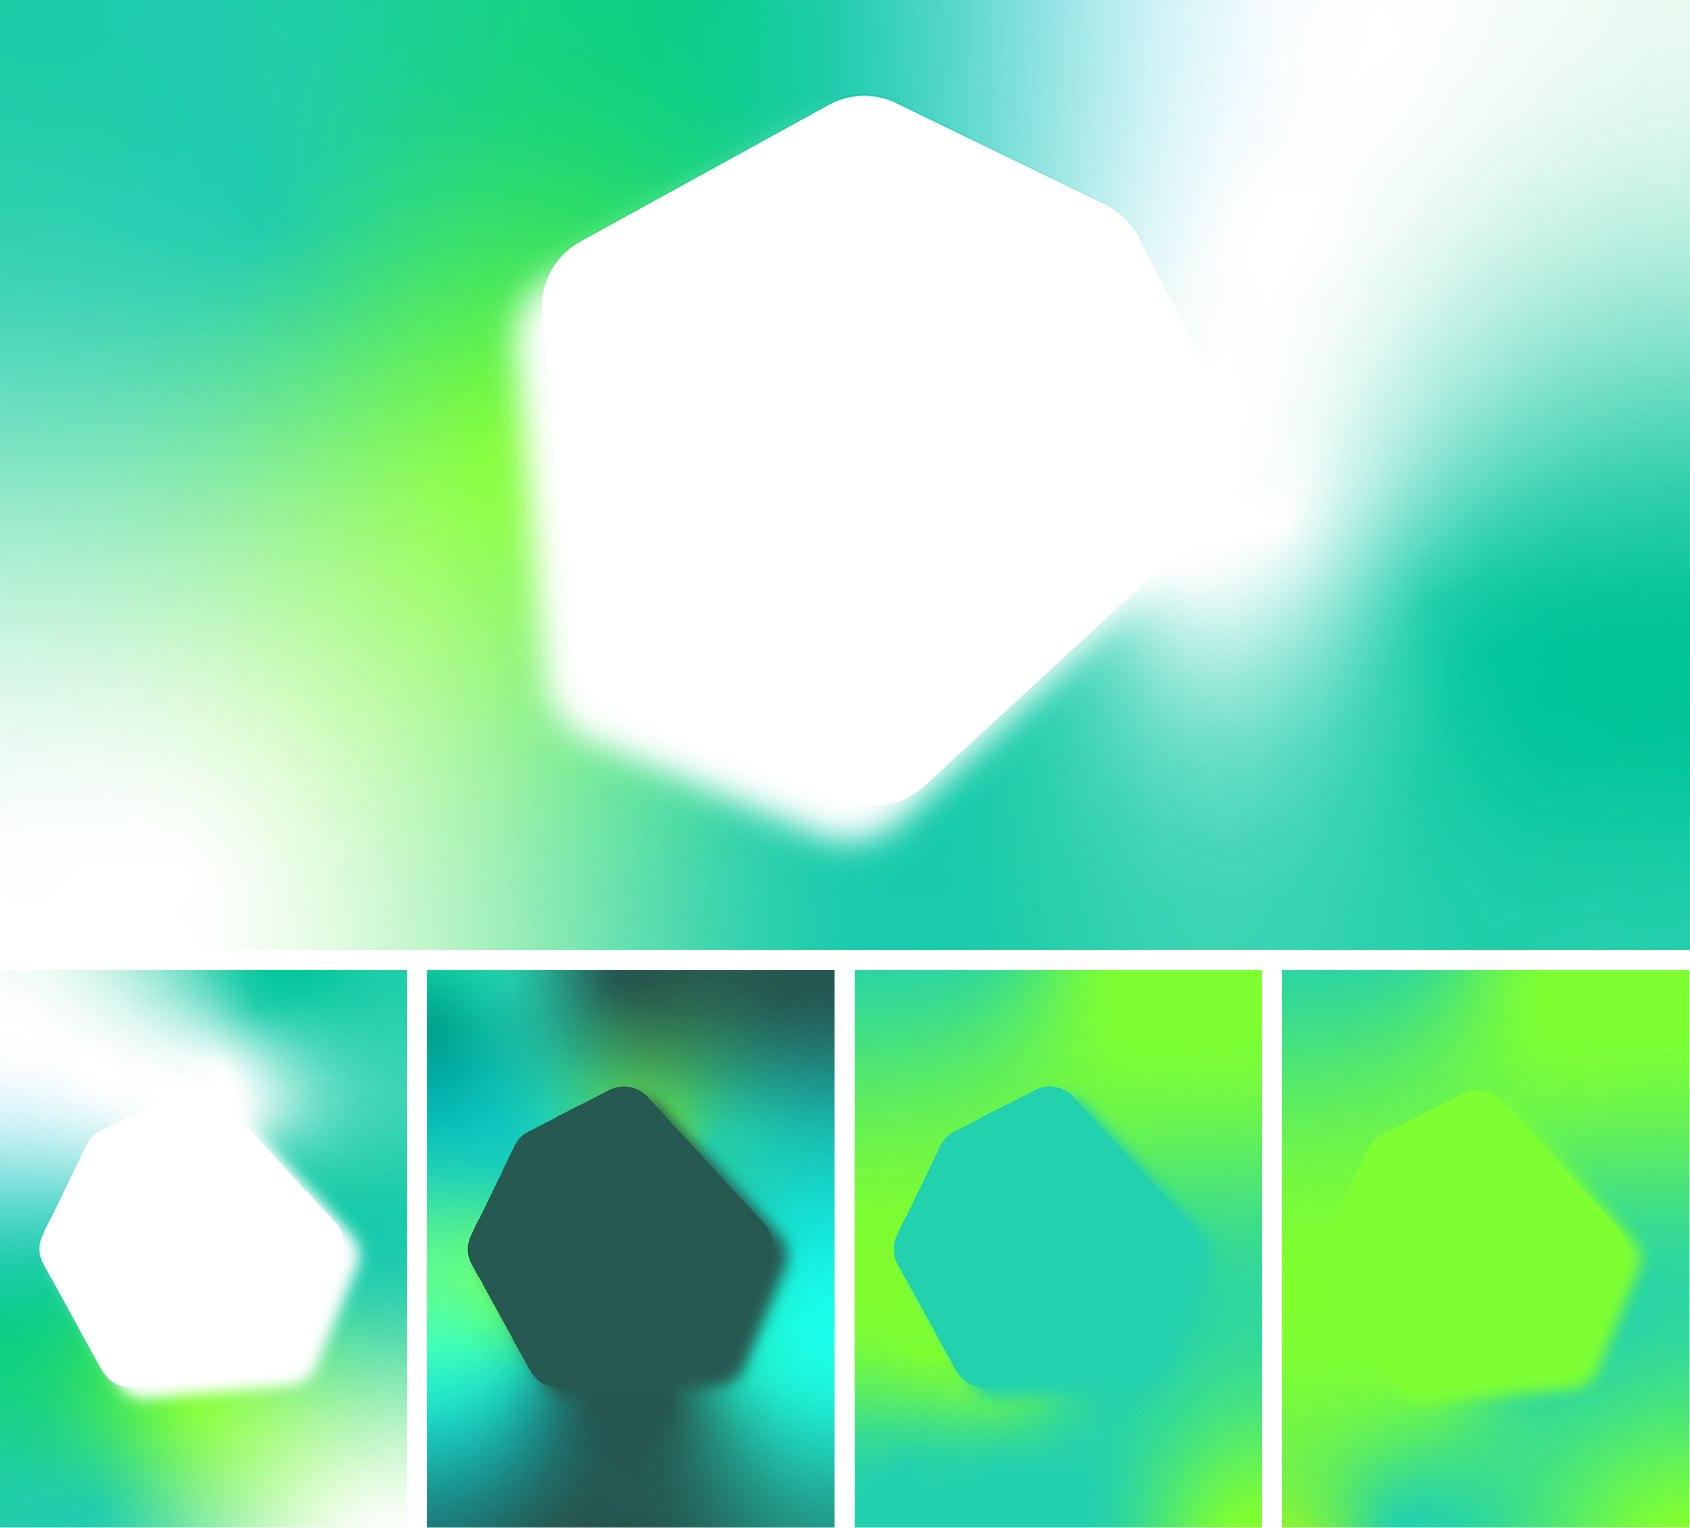 New Kaspersky brand shapes